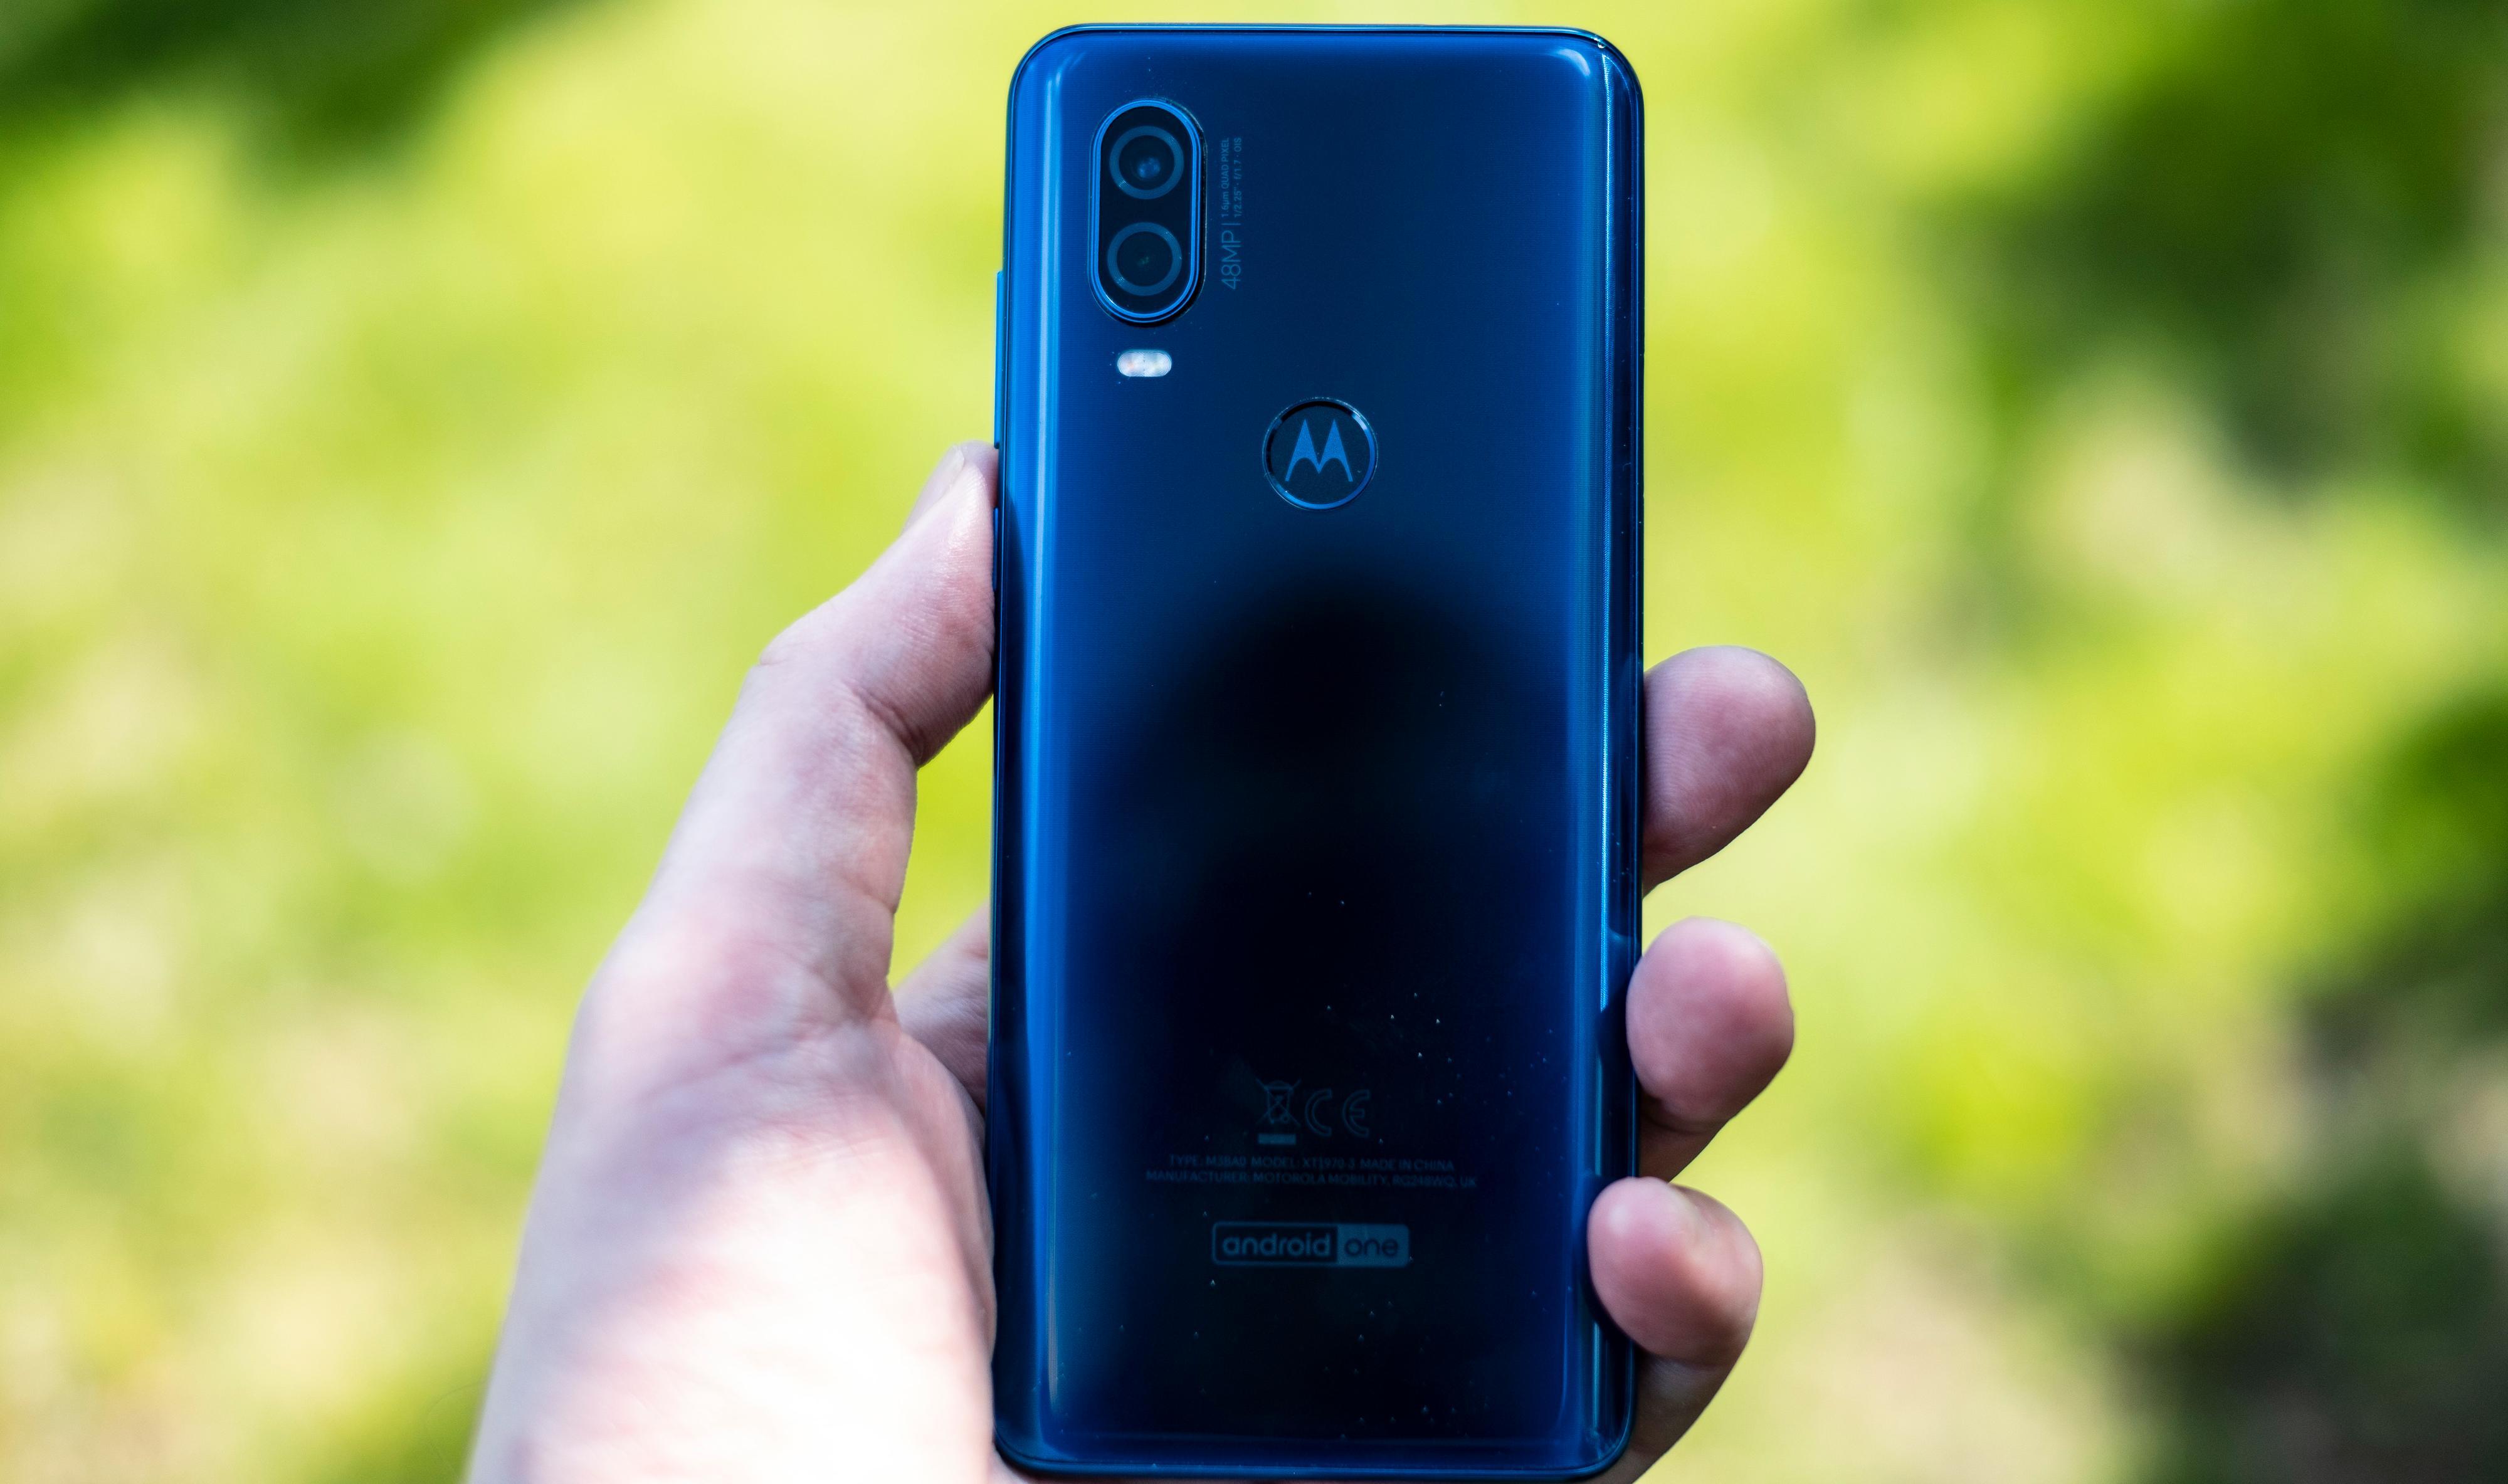 Fingerleseren er gjemt inni Motorola-M-en på baksiden av telefonen. Du må opp enda en tusenlapp eller to i pris for å finne de første telefonene med fingerleser i skjermen, men Motorolas løsning er rask og presis.